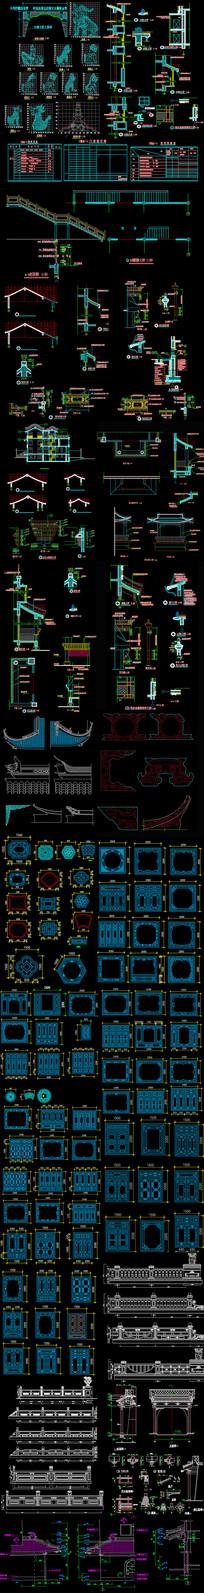 中式构件详图(牌坊,仿古宅,清式斗拱等)